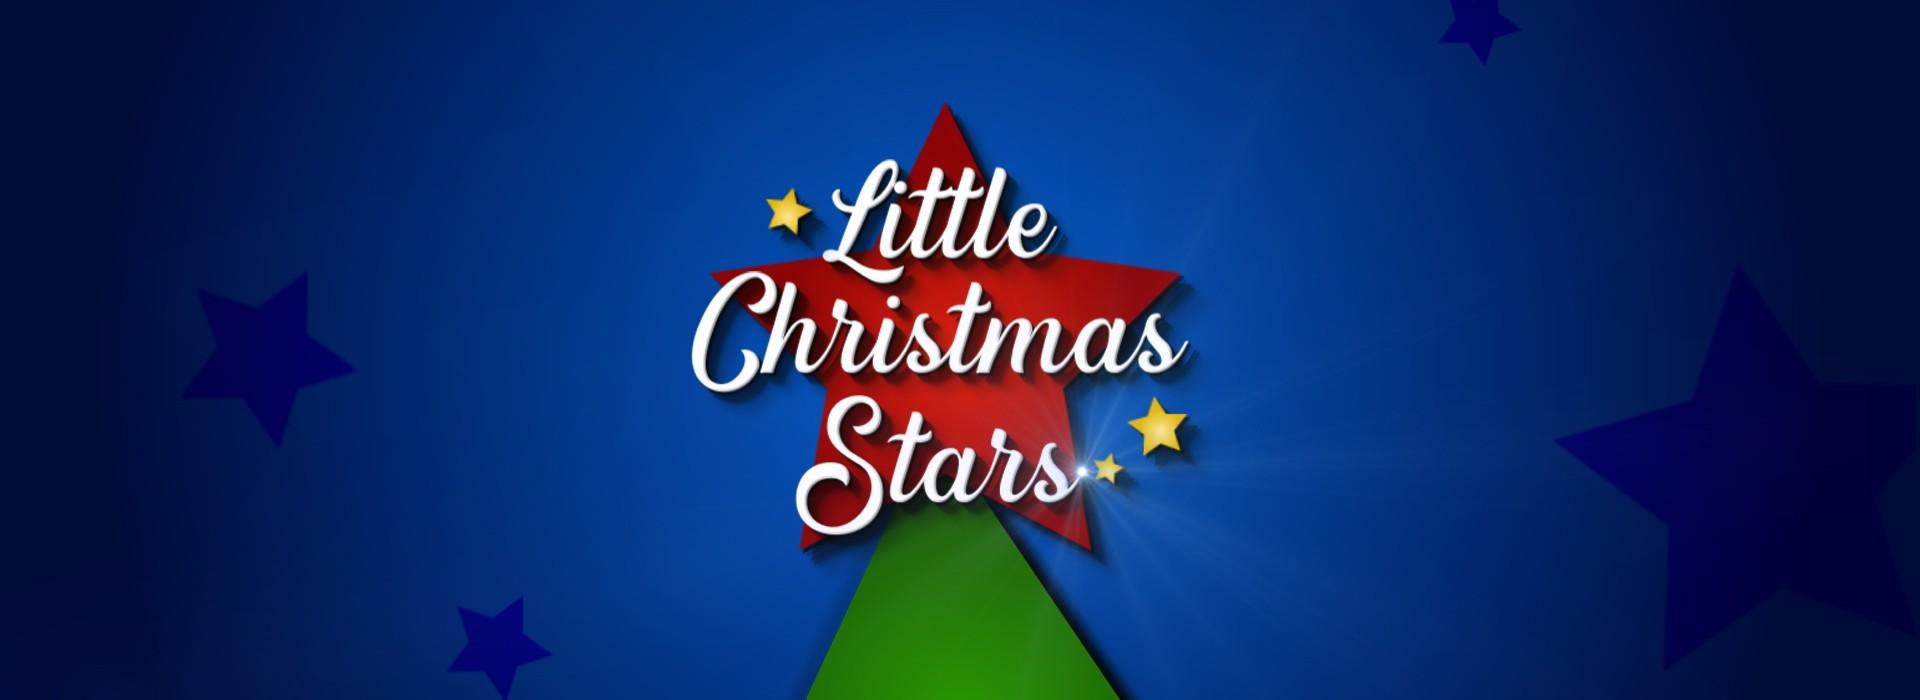 LITTLE CHRISTMAS STARS